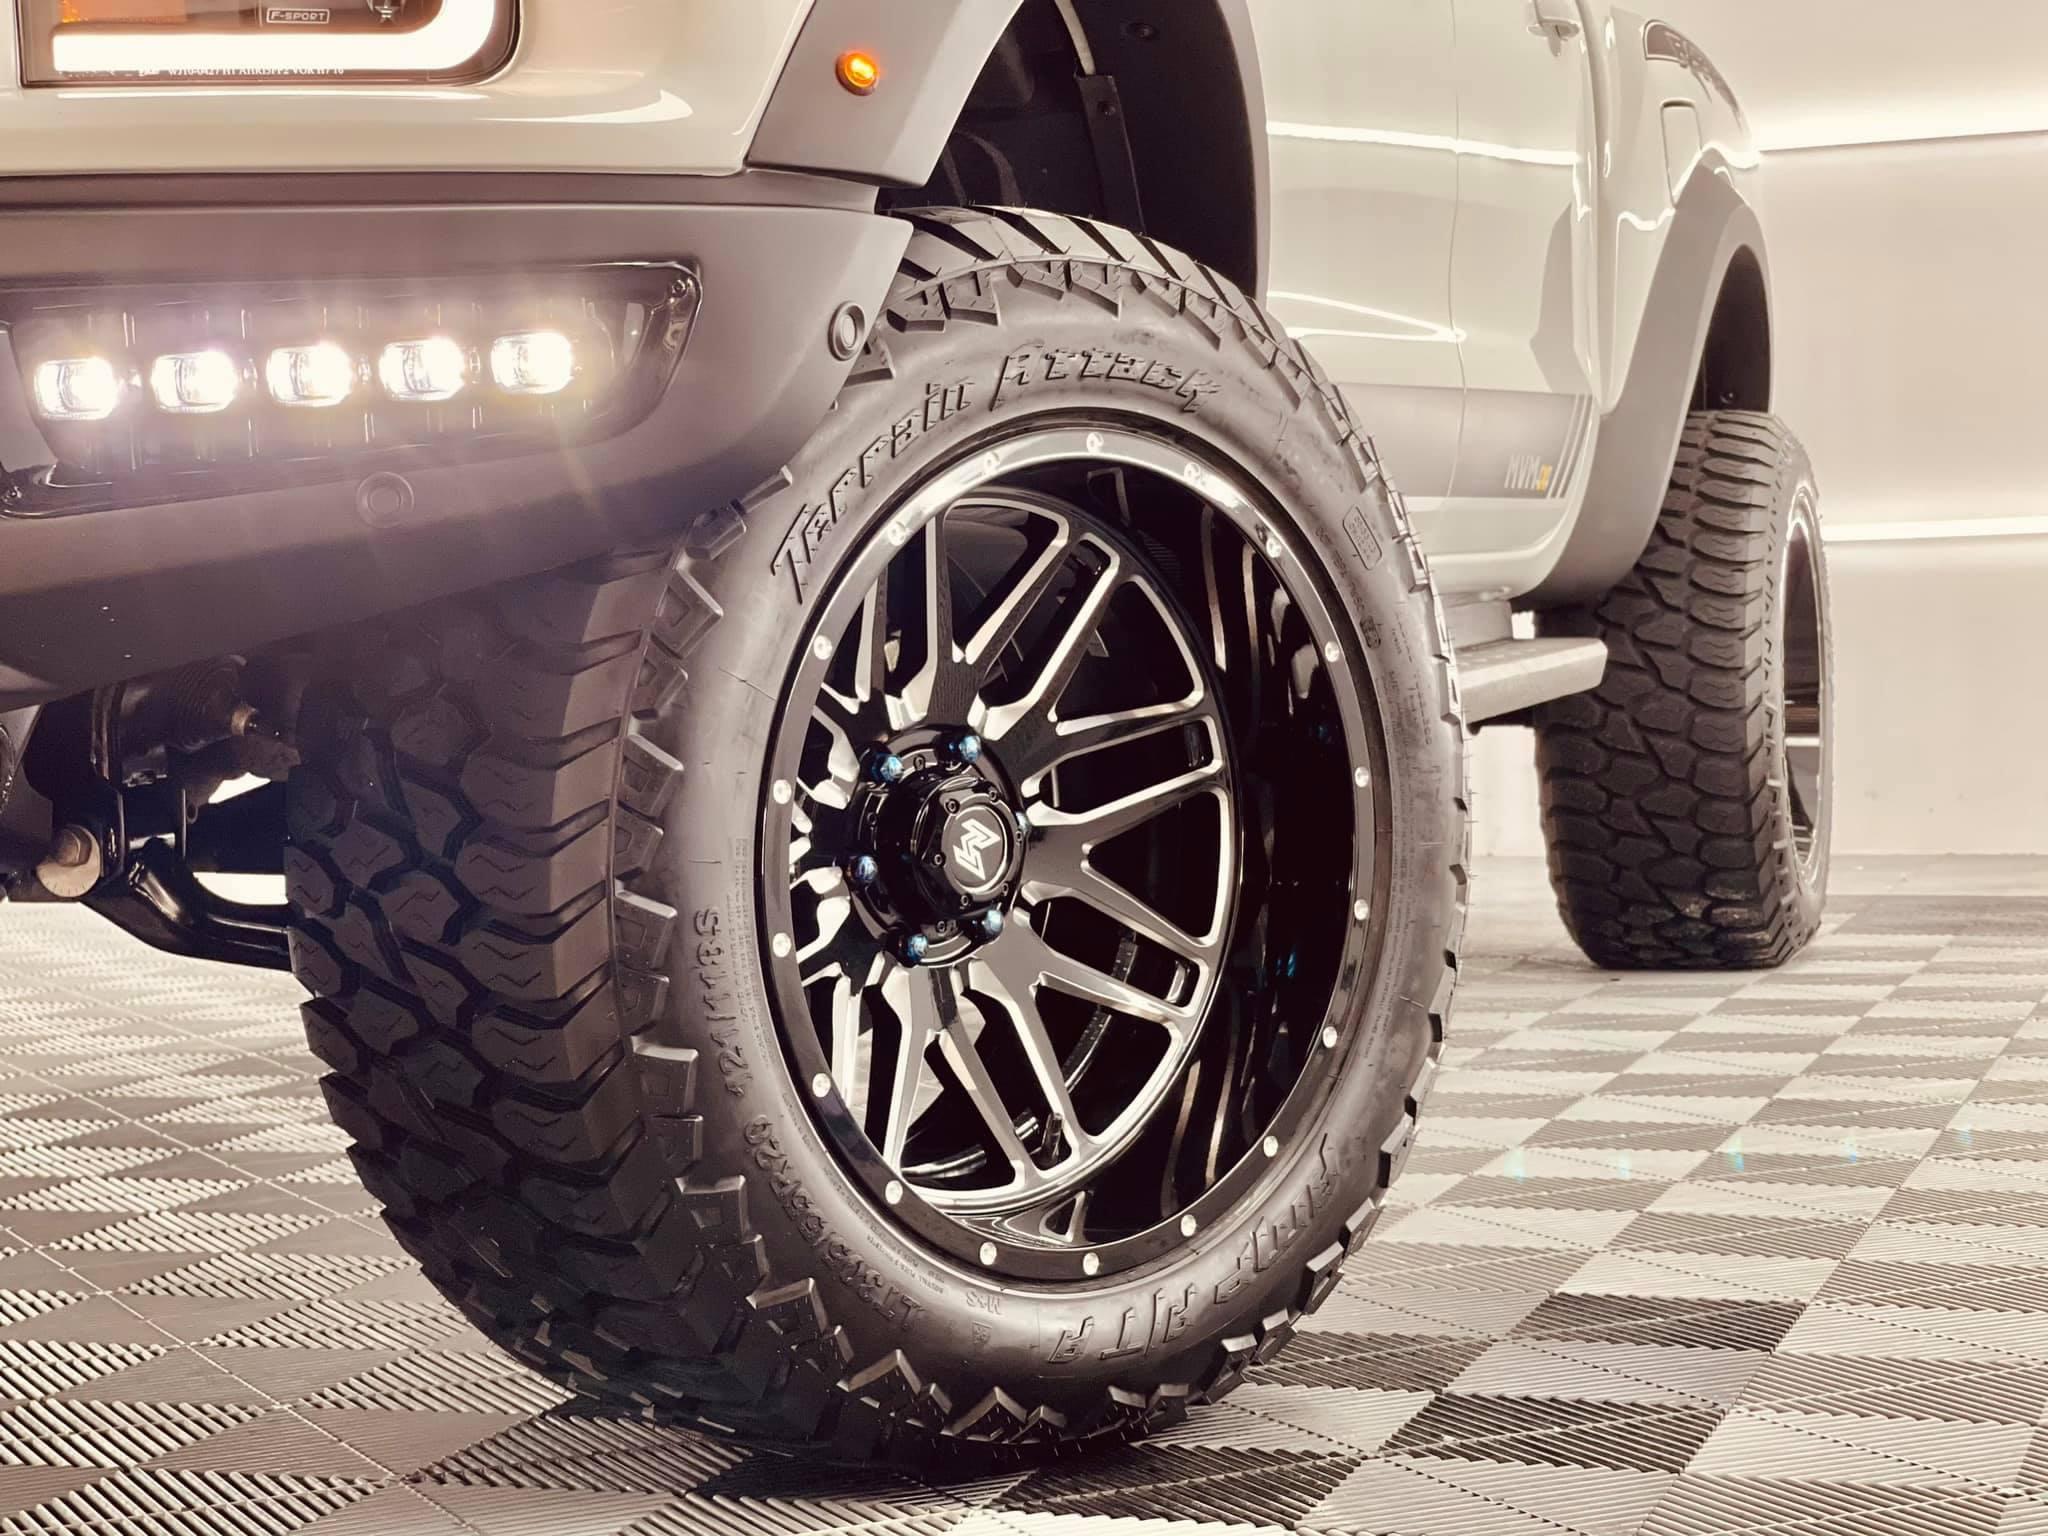 Ford Ranger biển ngũ quý 2 được nâng cấp gói độ 500 triệu đồng Ảnh 3